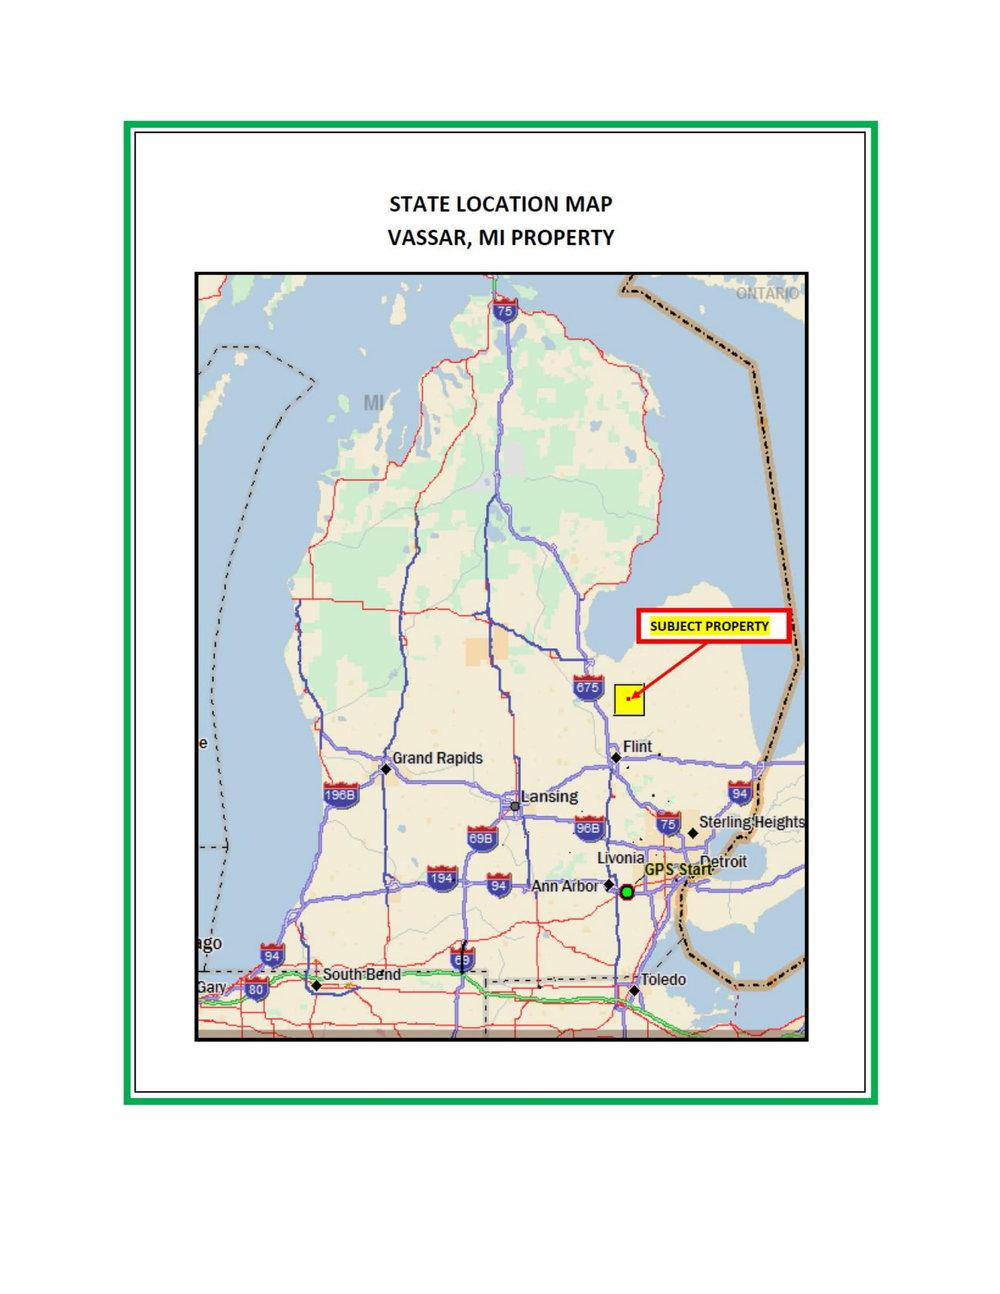 Vassar Mtc Enterprises Of Michigan Inc